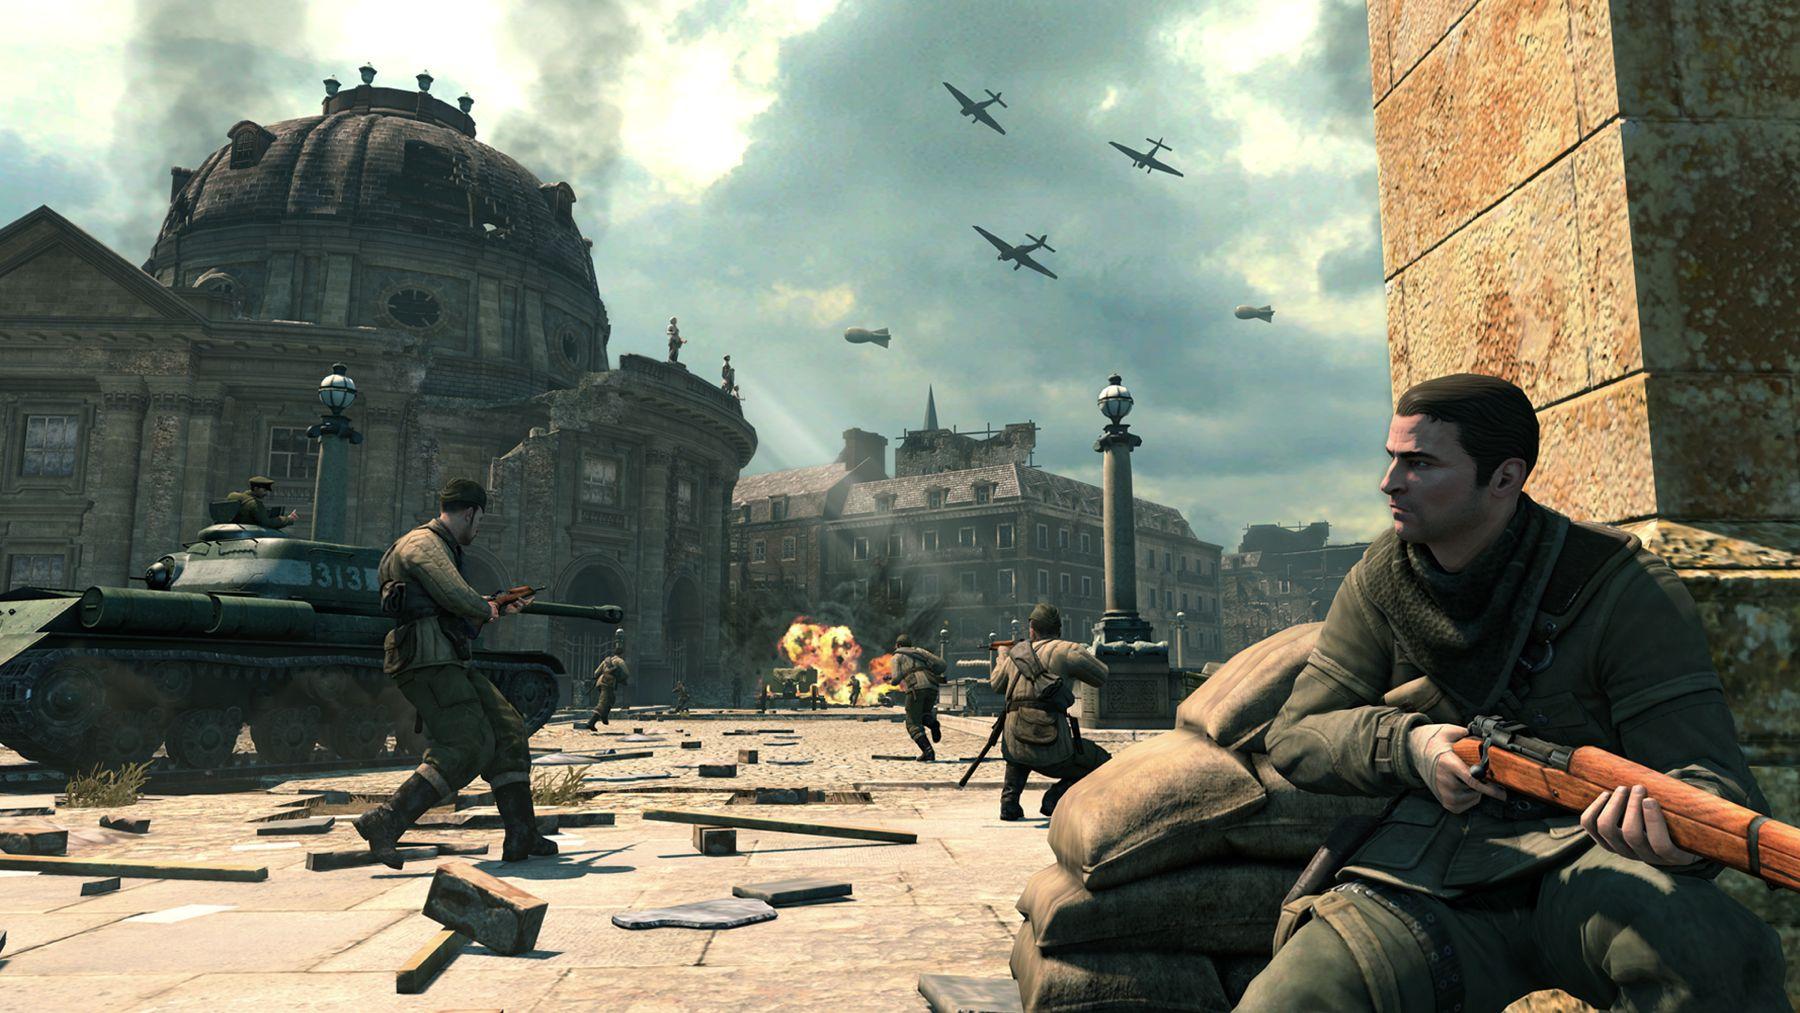 Download Sniper Elite 3 Highly Compressed Games